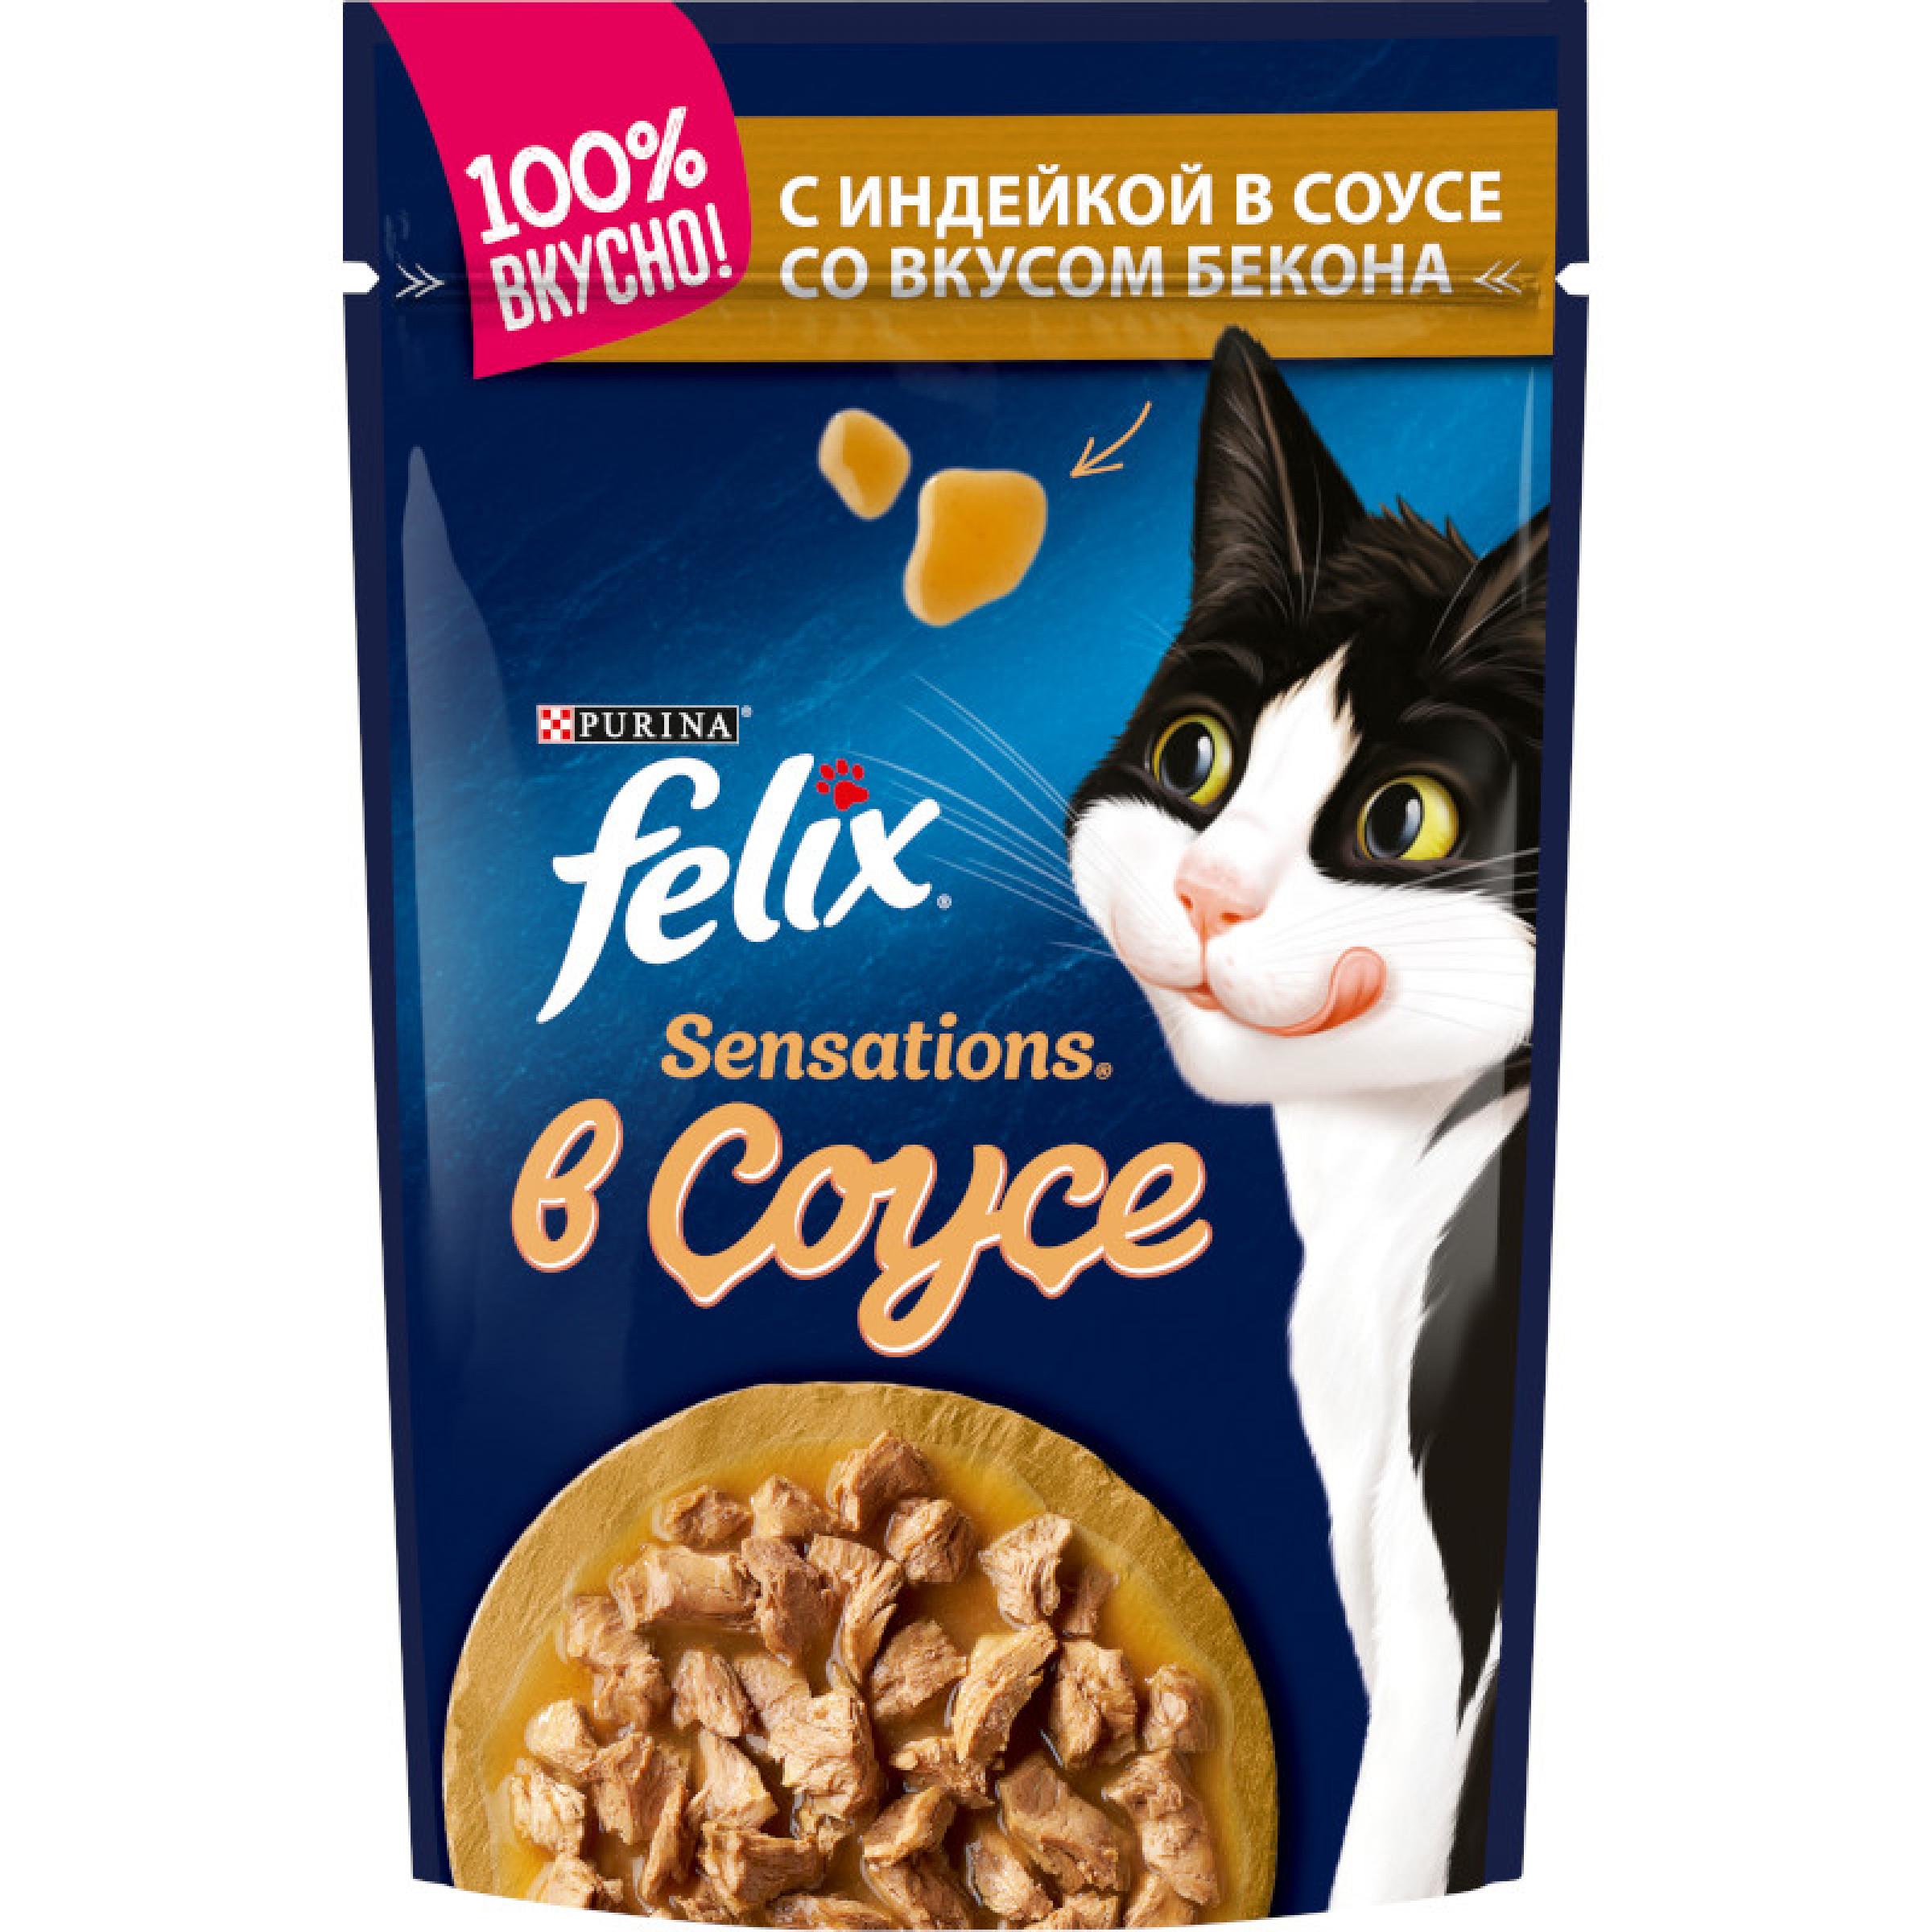 Felix® Sensations® для взрослых кошек с индейкой в соусе со вкусом бекона, 85 г